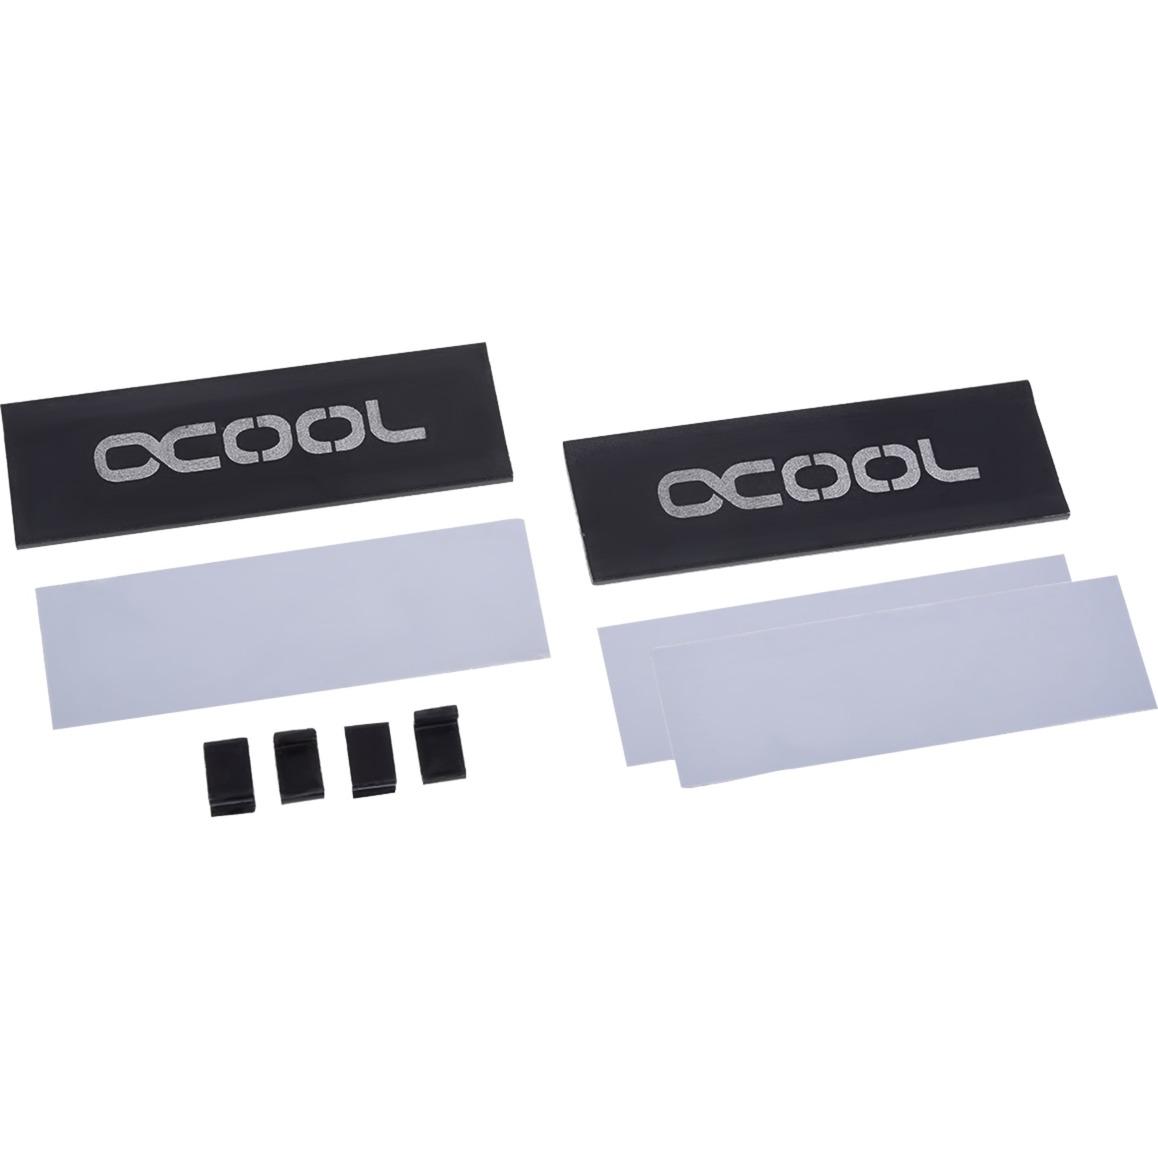 HDX - M.2 SSD M01 Conjunto de chips Radiador, Refrigeración